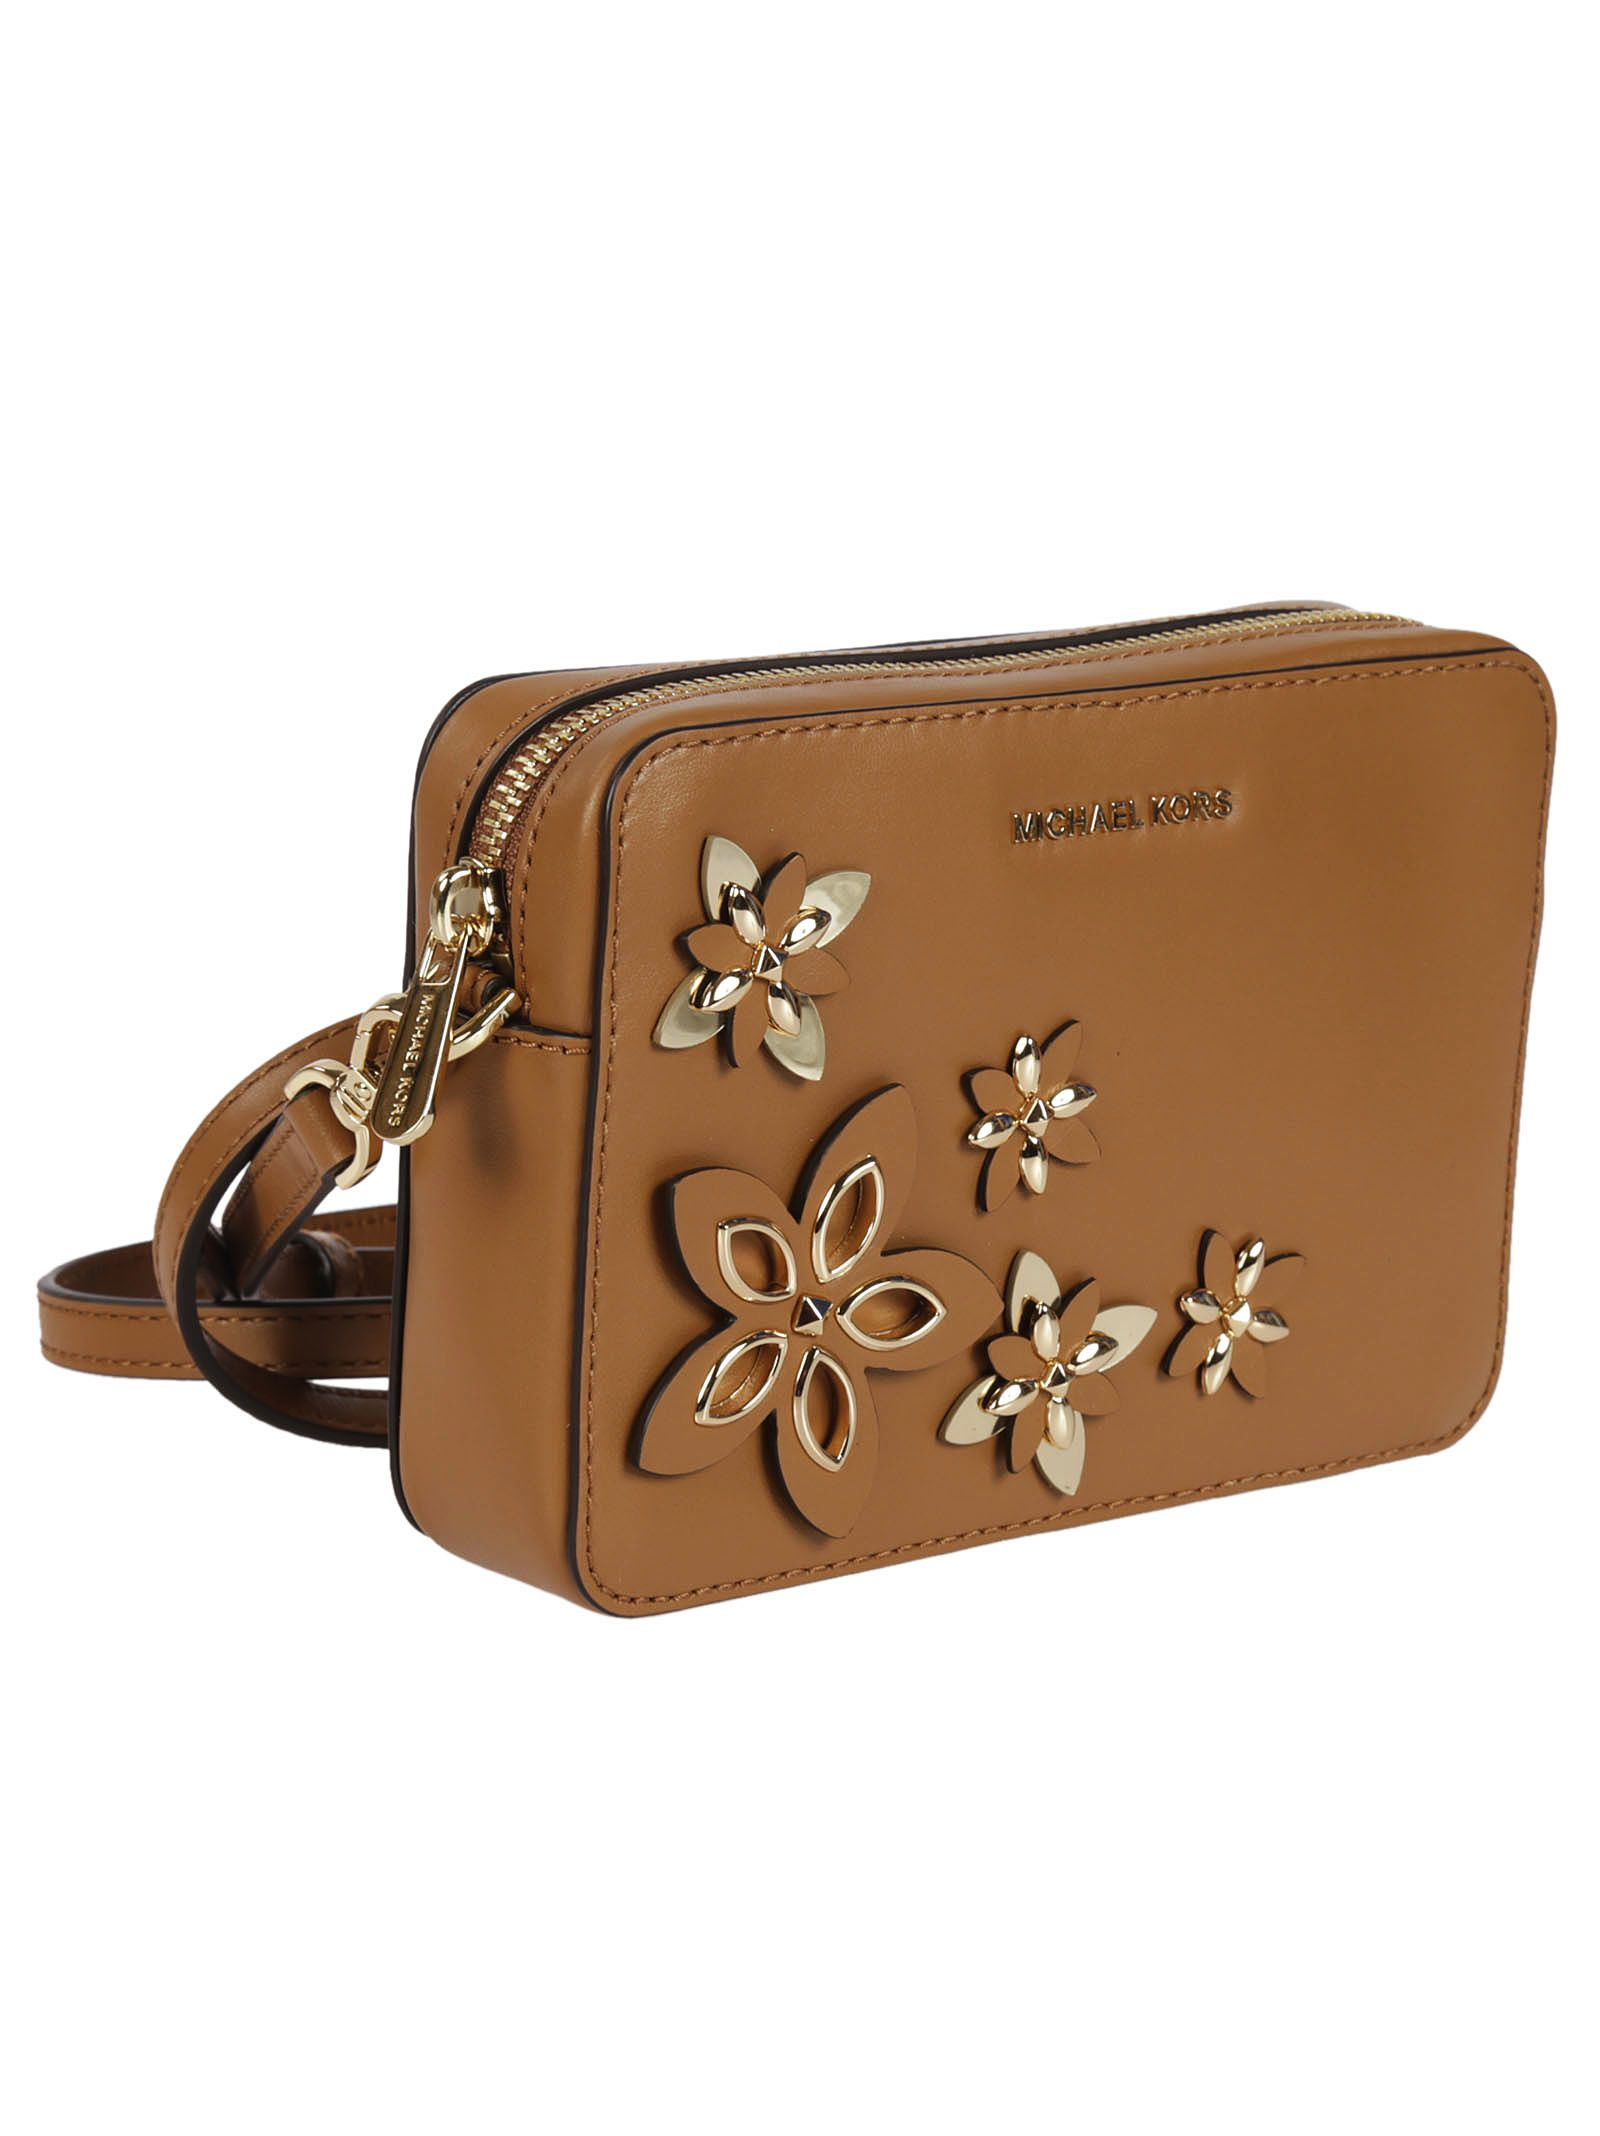 5b9ddf6e3d42 Michael Kors Michael Kors Floral Applique Shoulder Bag - Acorn - 6704562